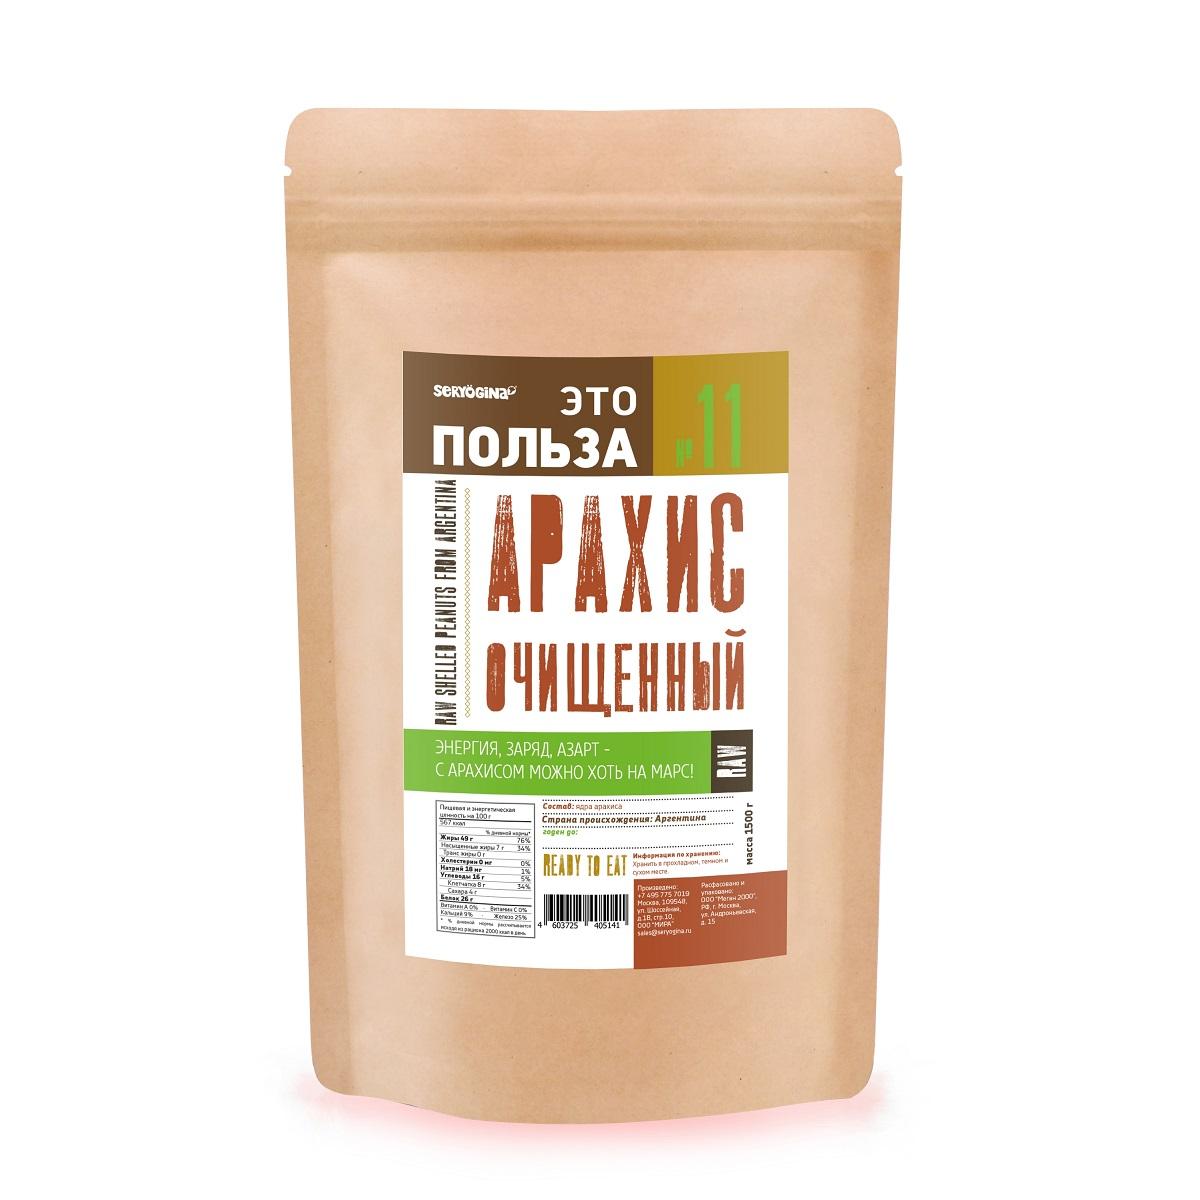 Seryogina арахис нежареный несоленый очищенный, 1500 г2535Самый популярный орешек в мире, с anti-age эффектом.